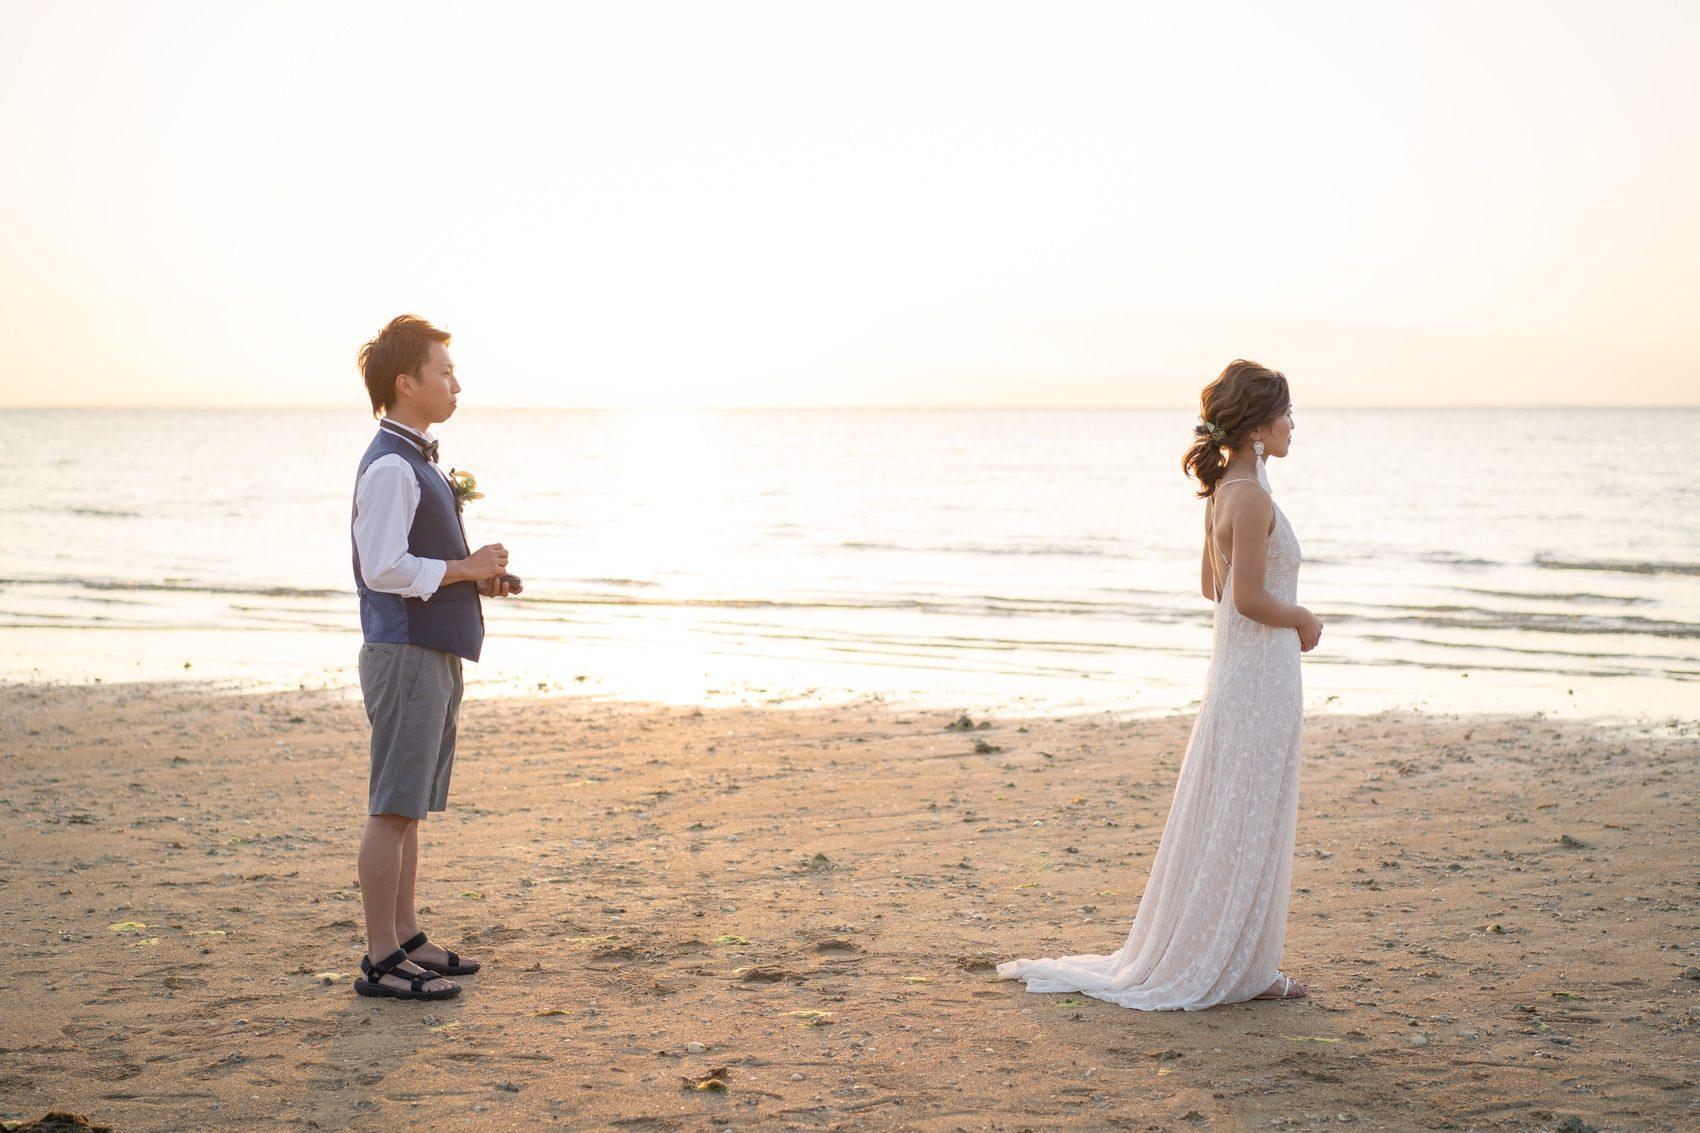 サンセットタイムのプロポーズ